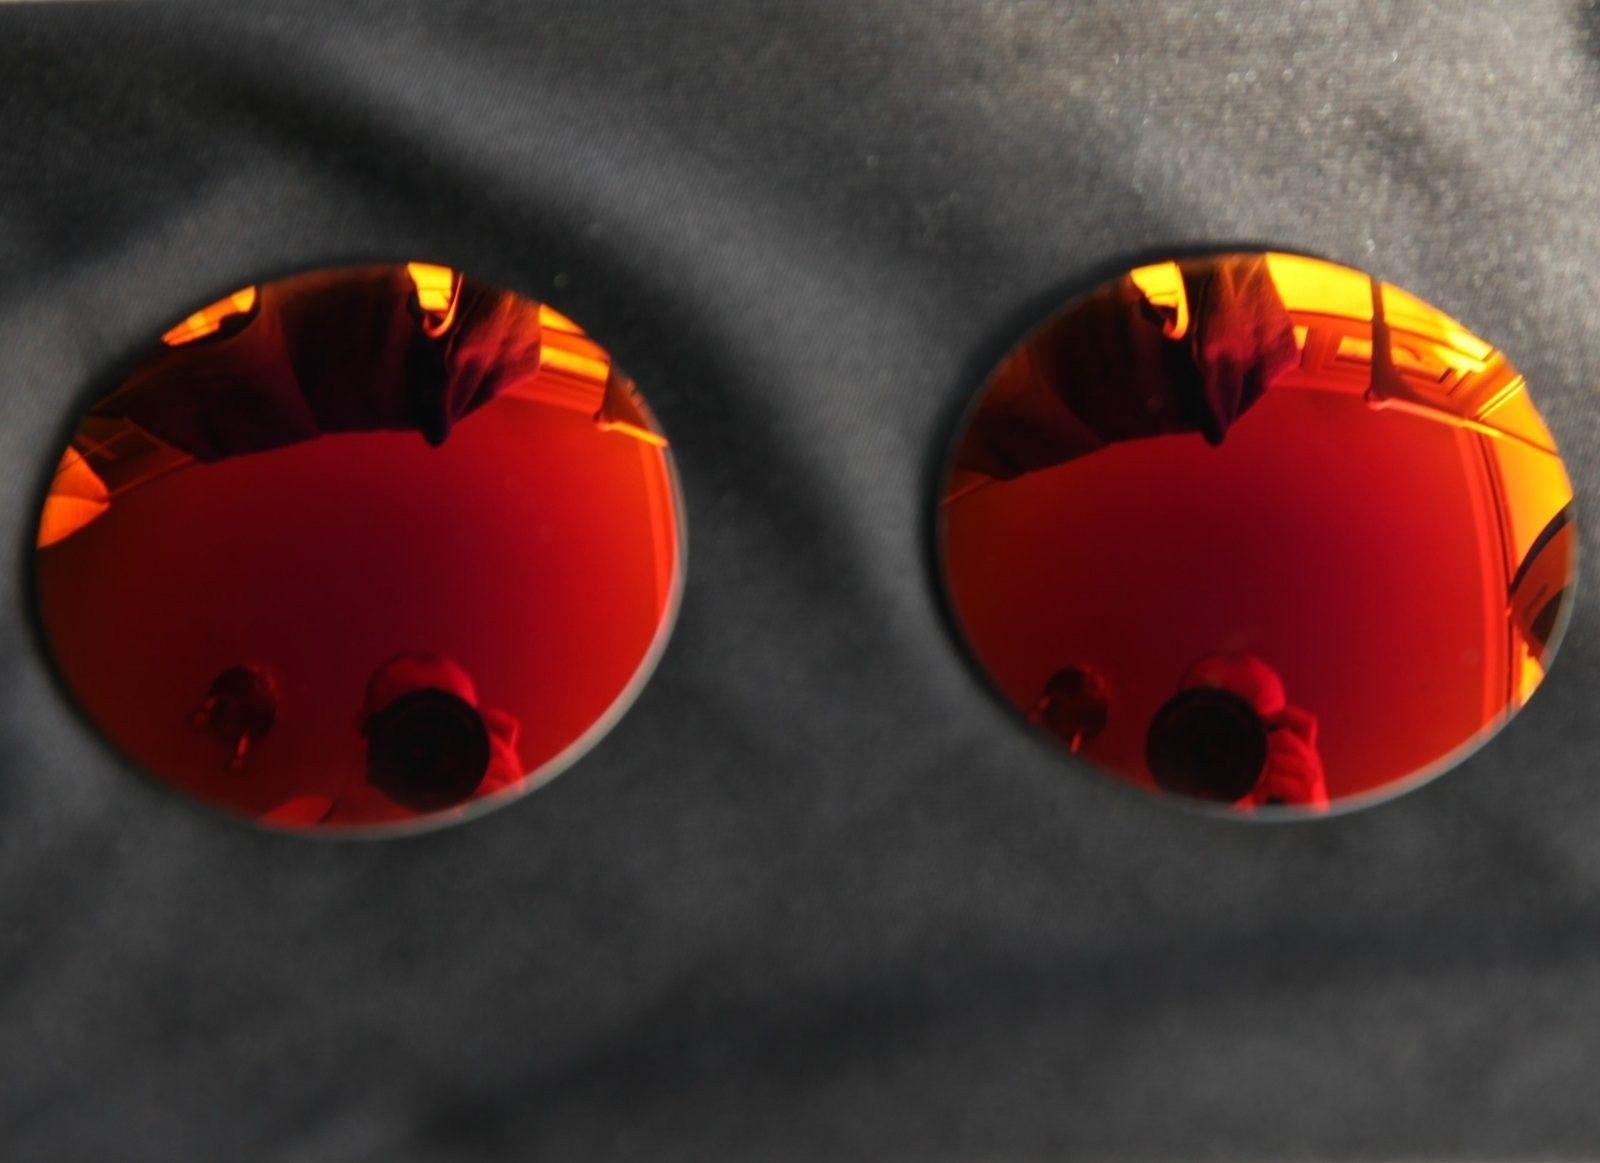 New Ruby Mars lenses. - IMG_9246.jpg